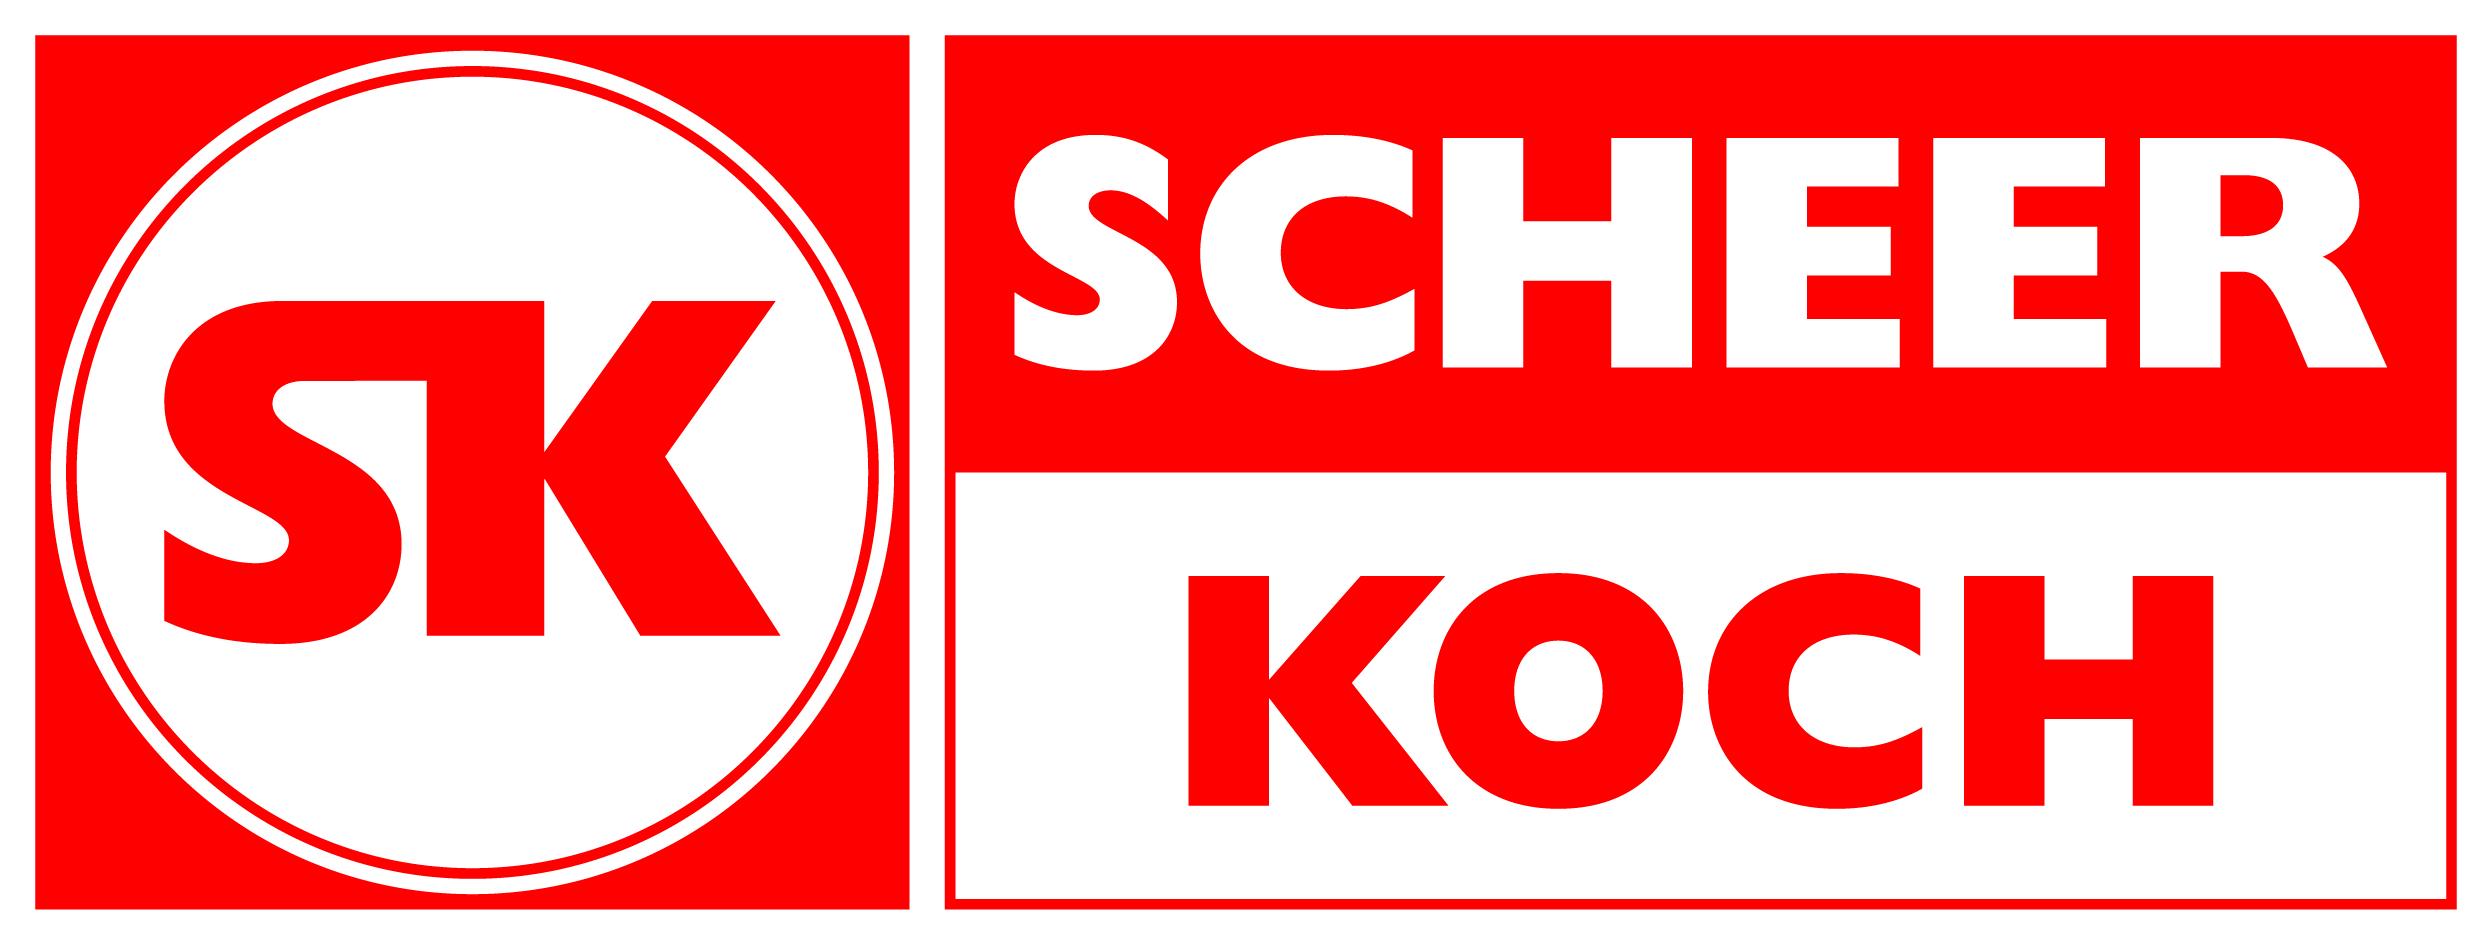 Logo-Scheer-Koch-HKS_14